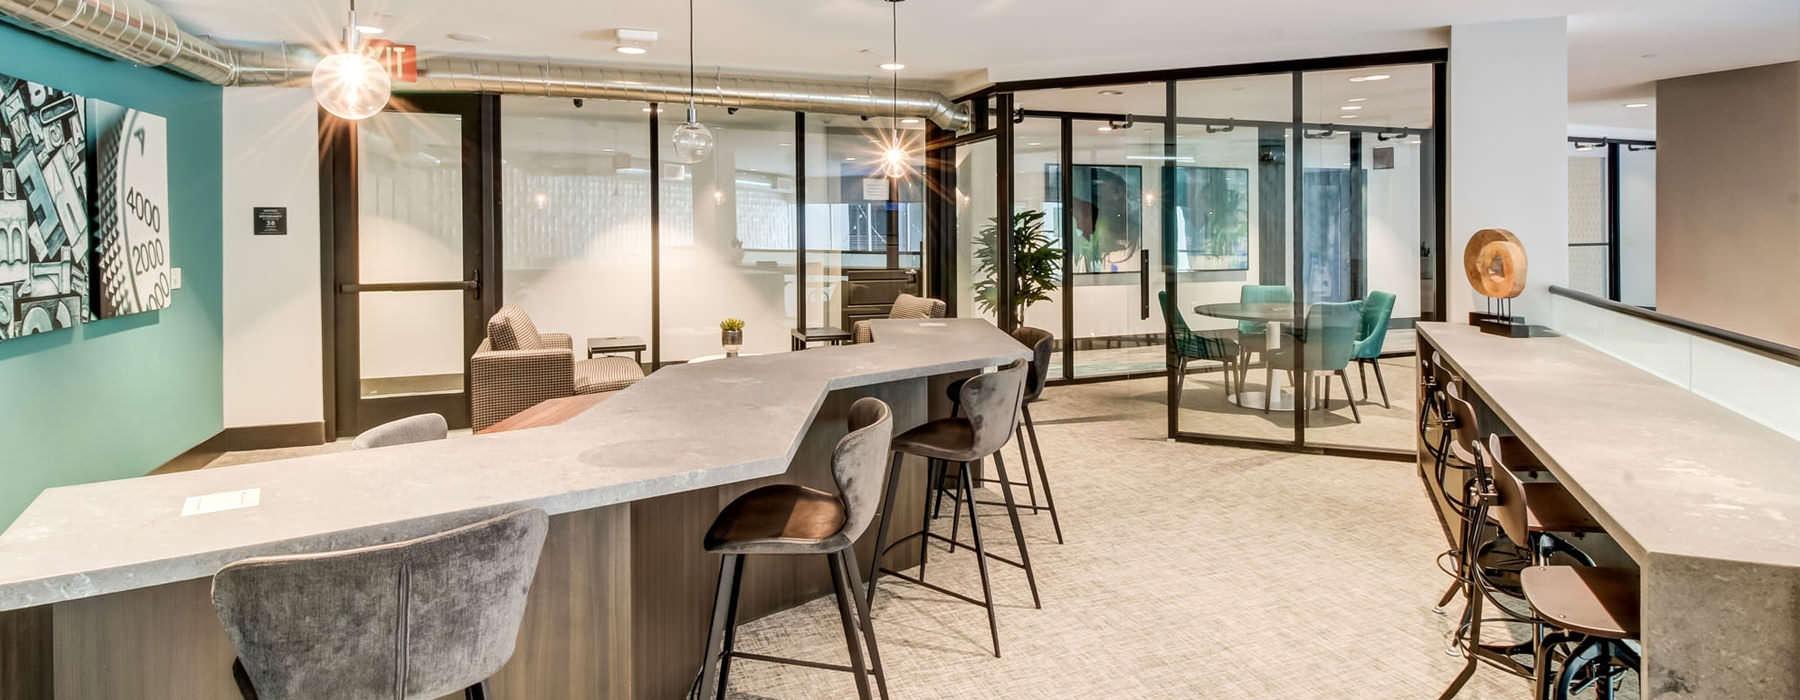 spacious clubhouse kitchen